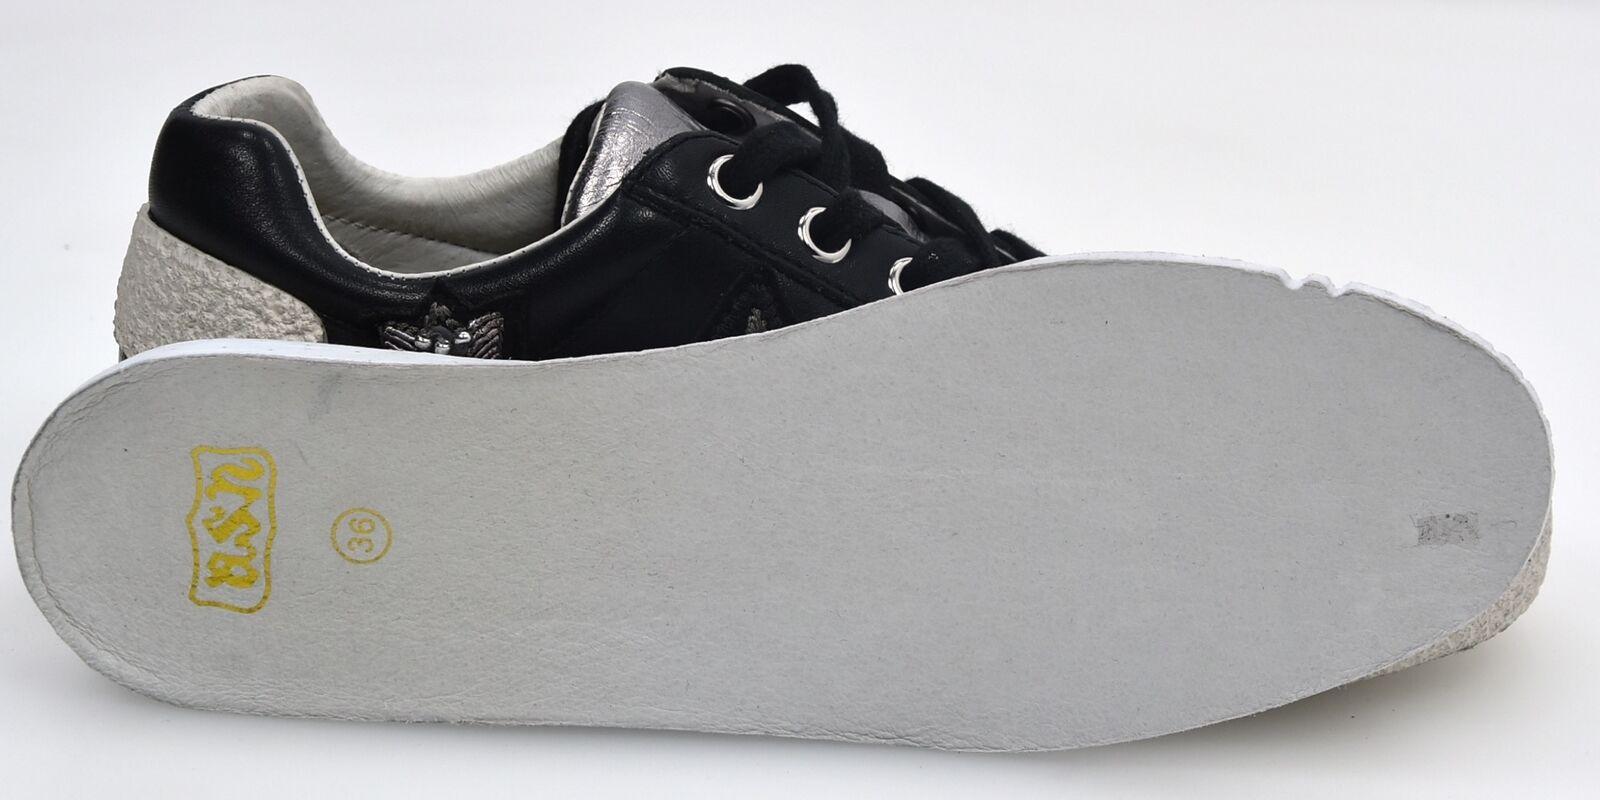 ASH DONNA SCARPA SCARPA SCARPA scarpe da ginnastica CASUAL TEMPO LIBERO PELLE FW17-S-120701-008 NAK ARMS d0f571